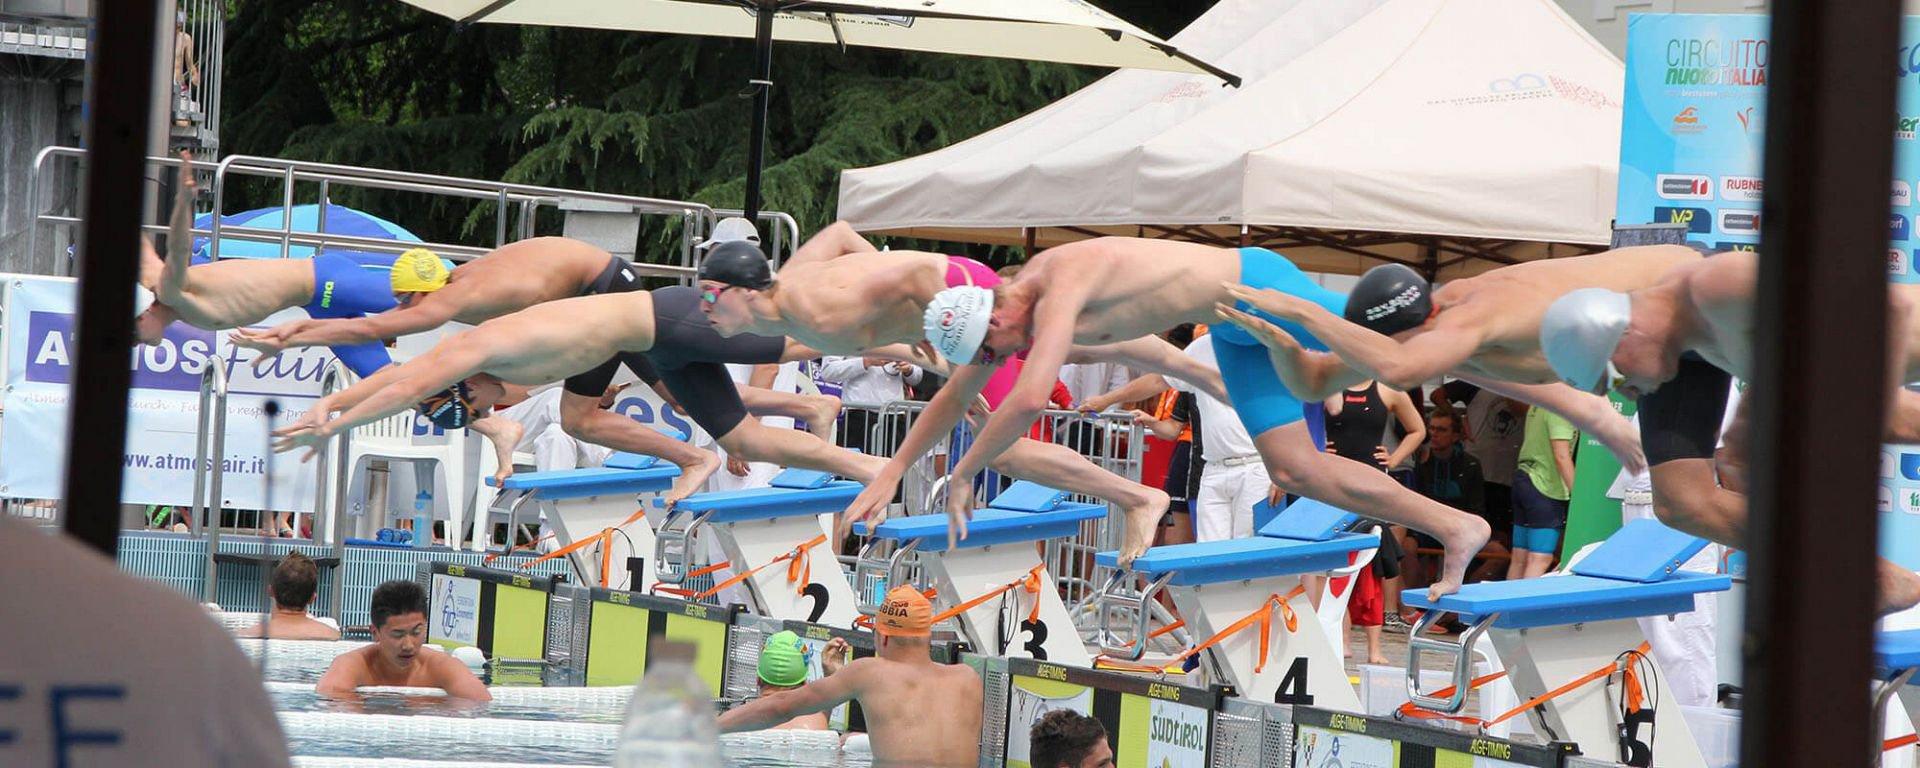 Bressanone SwimCup | AcquarenaCup Brixen